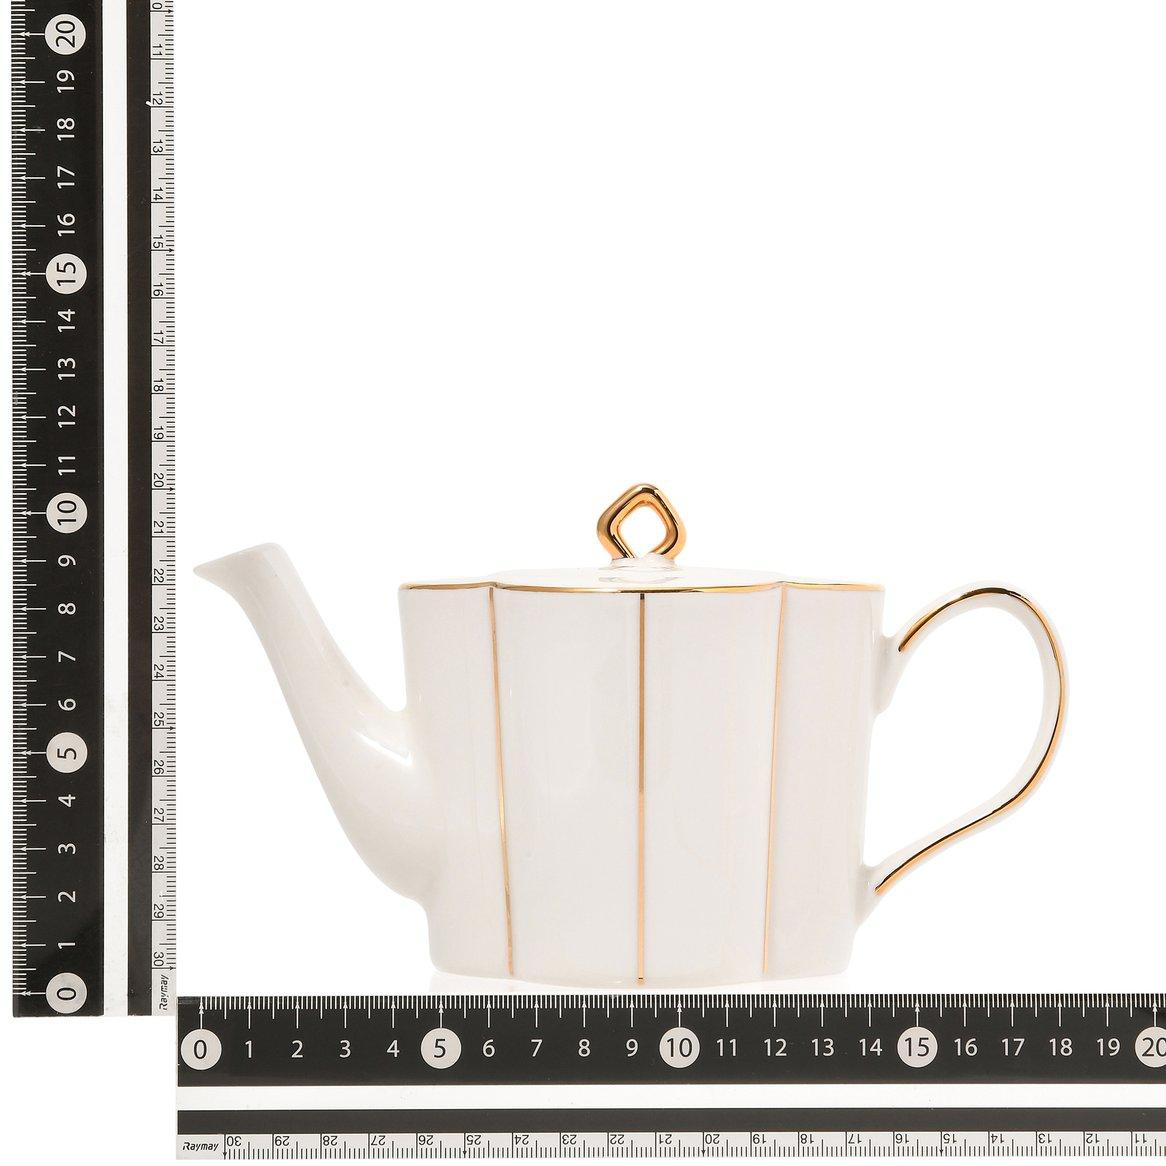 Francfranc(フランフラン) おうちカフェセット 2 personsの商品画像41